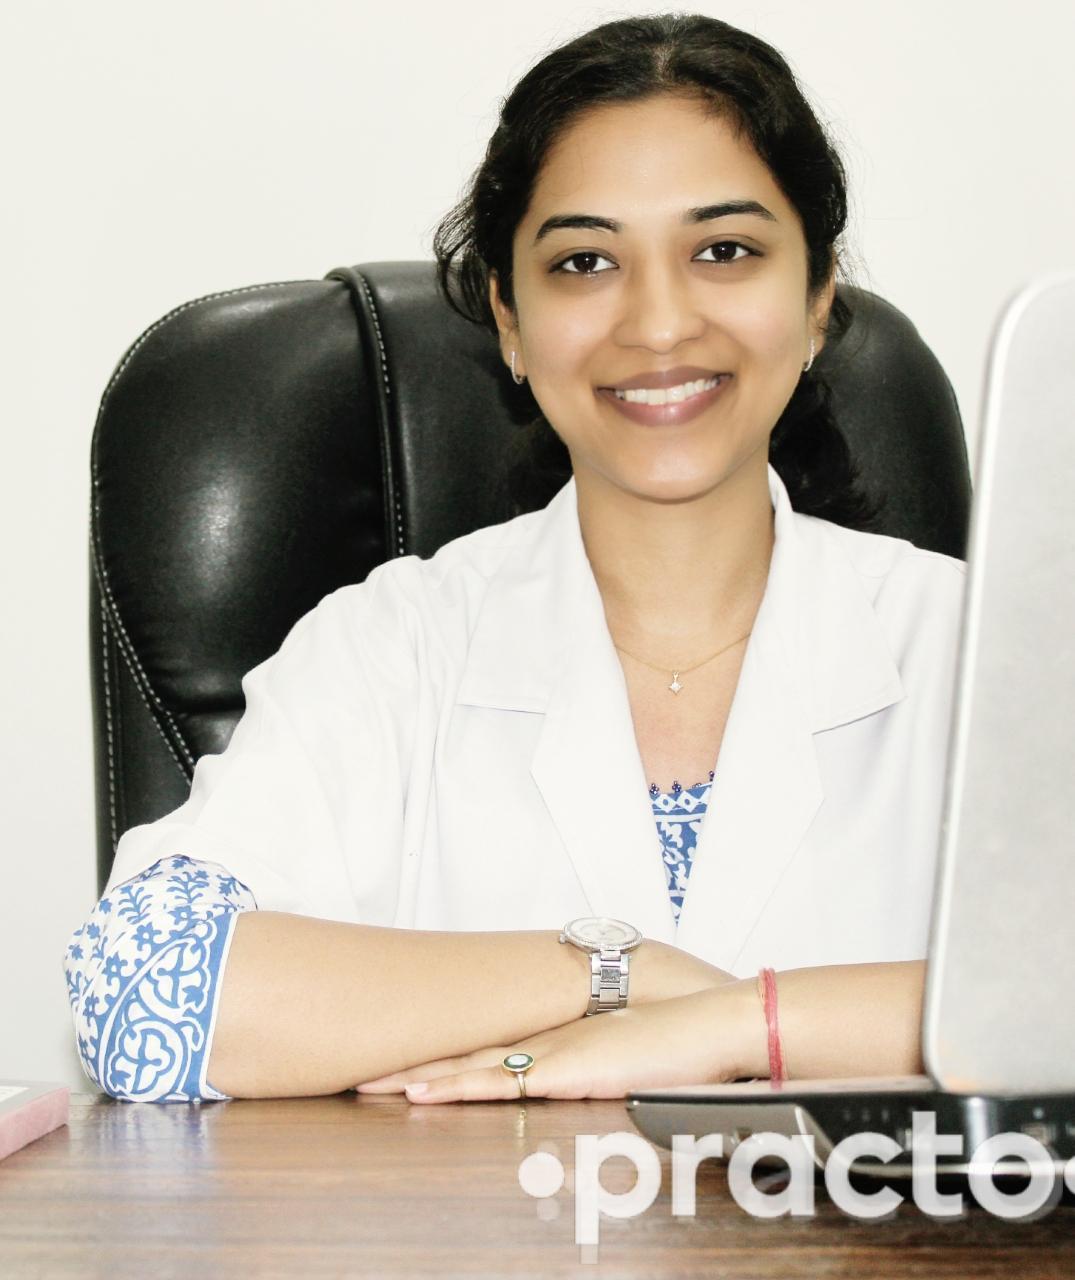 Dr. Akansha Garg - Dentist